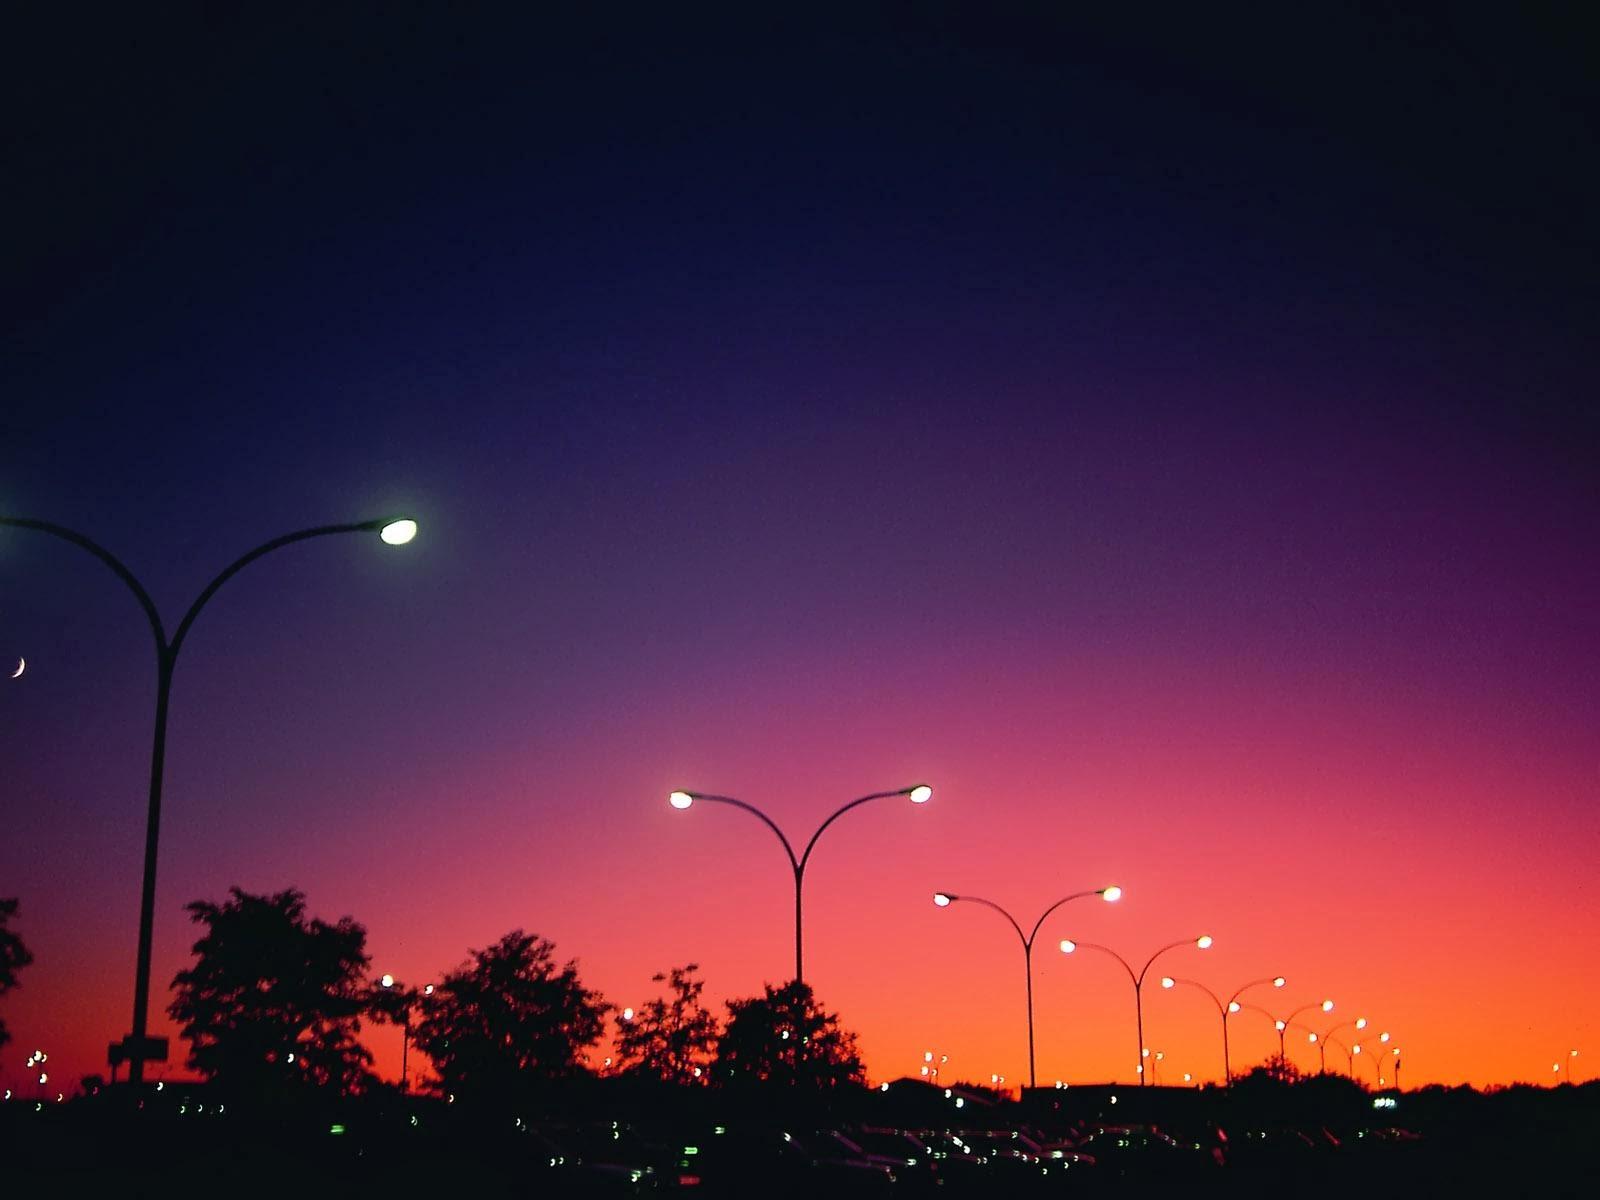 Fondos de pantalla y m s luces noche colores for Luces de colores